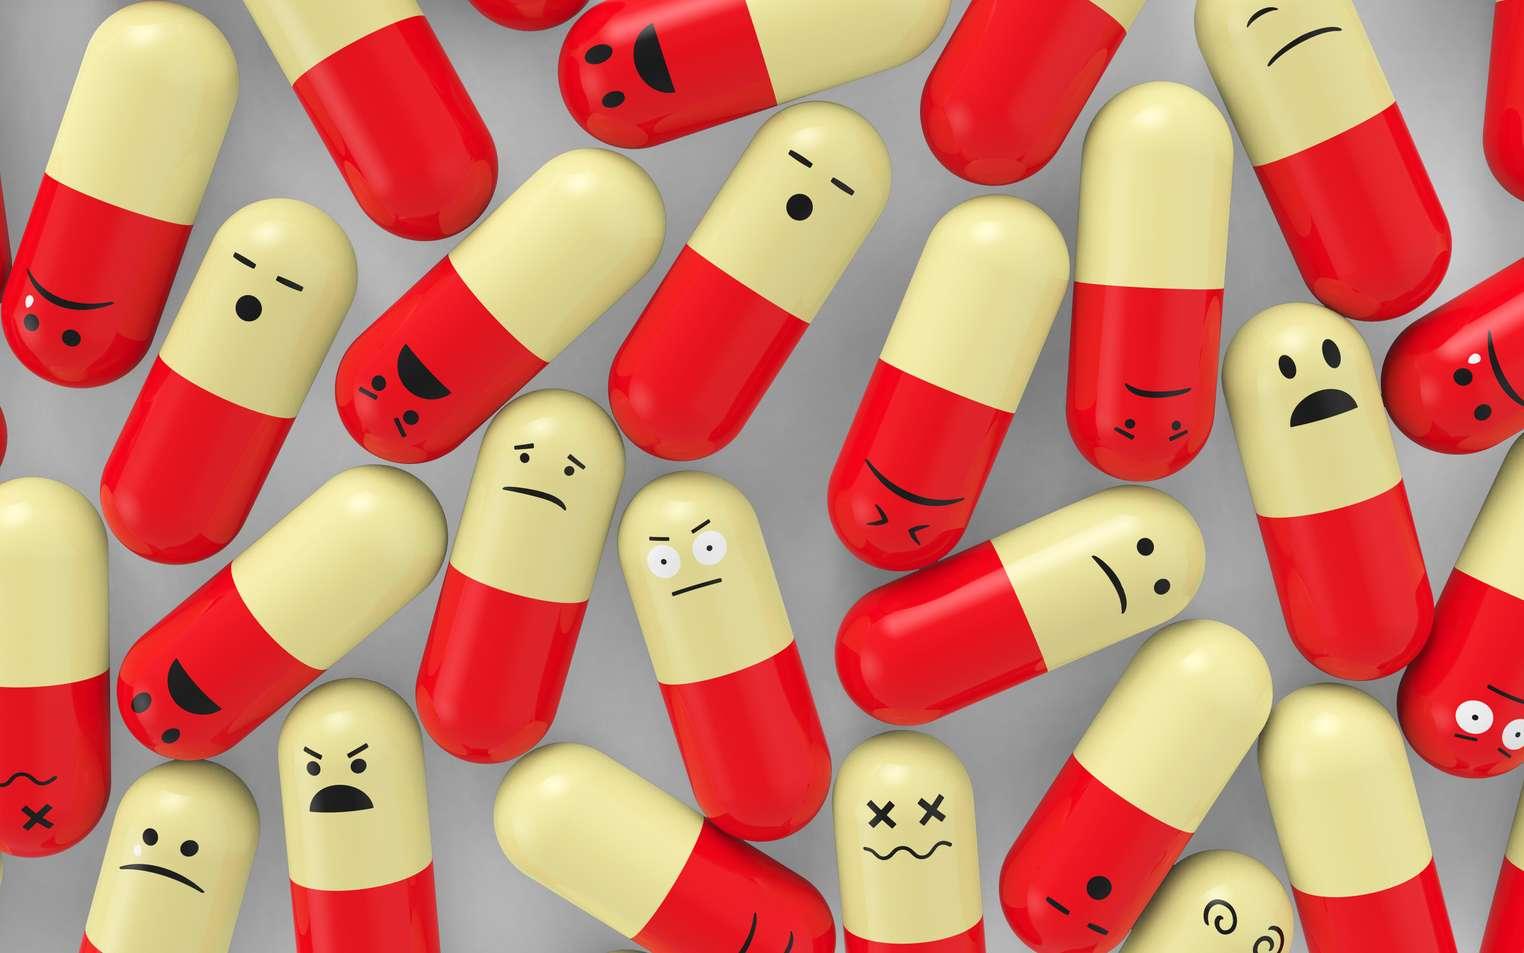 Nos médicaments contiennent-ils des substances suspects ? © Annibell82, Fotolia